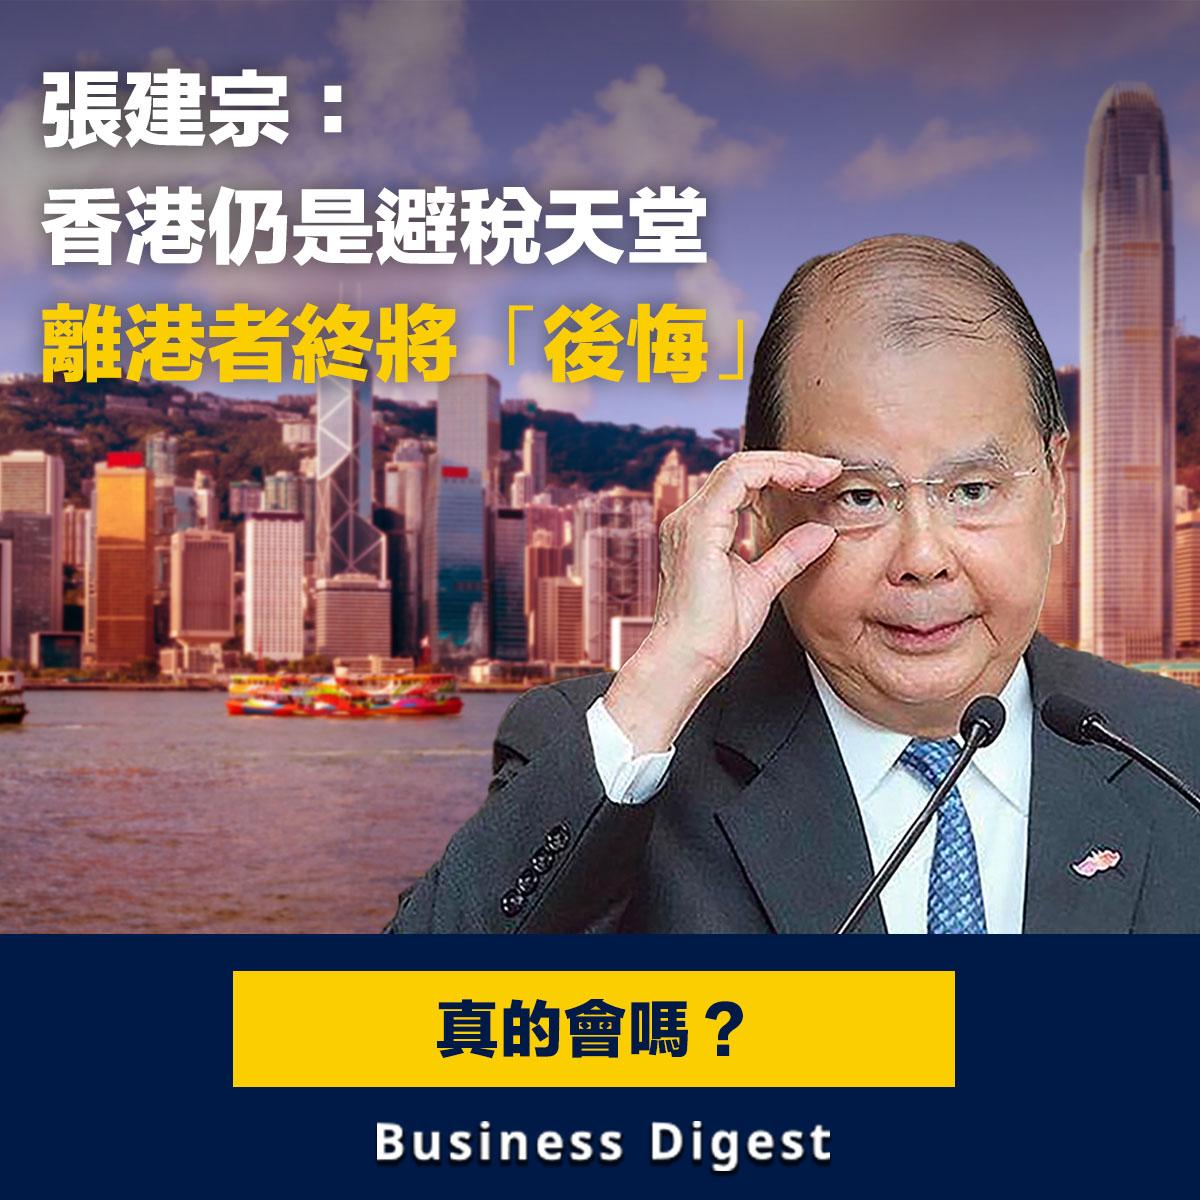 香港政務司司長張建宗在接受《金融時報》訪問時表示,香港仍是避稅天堂